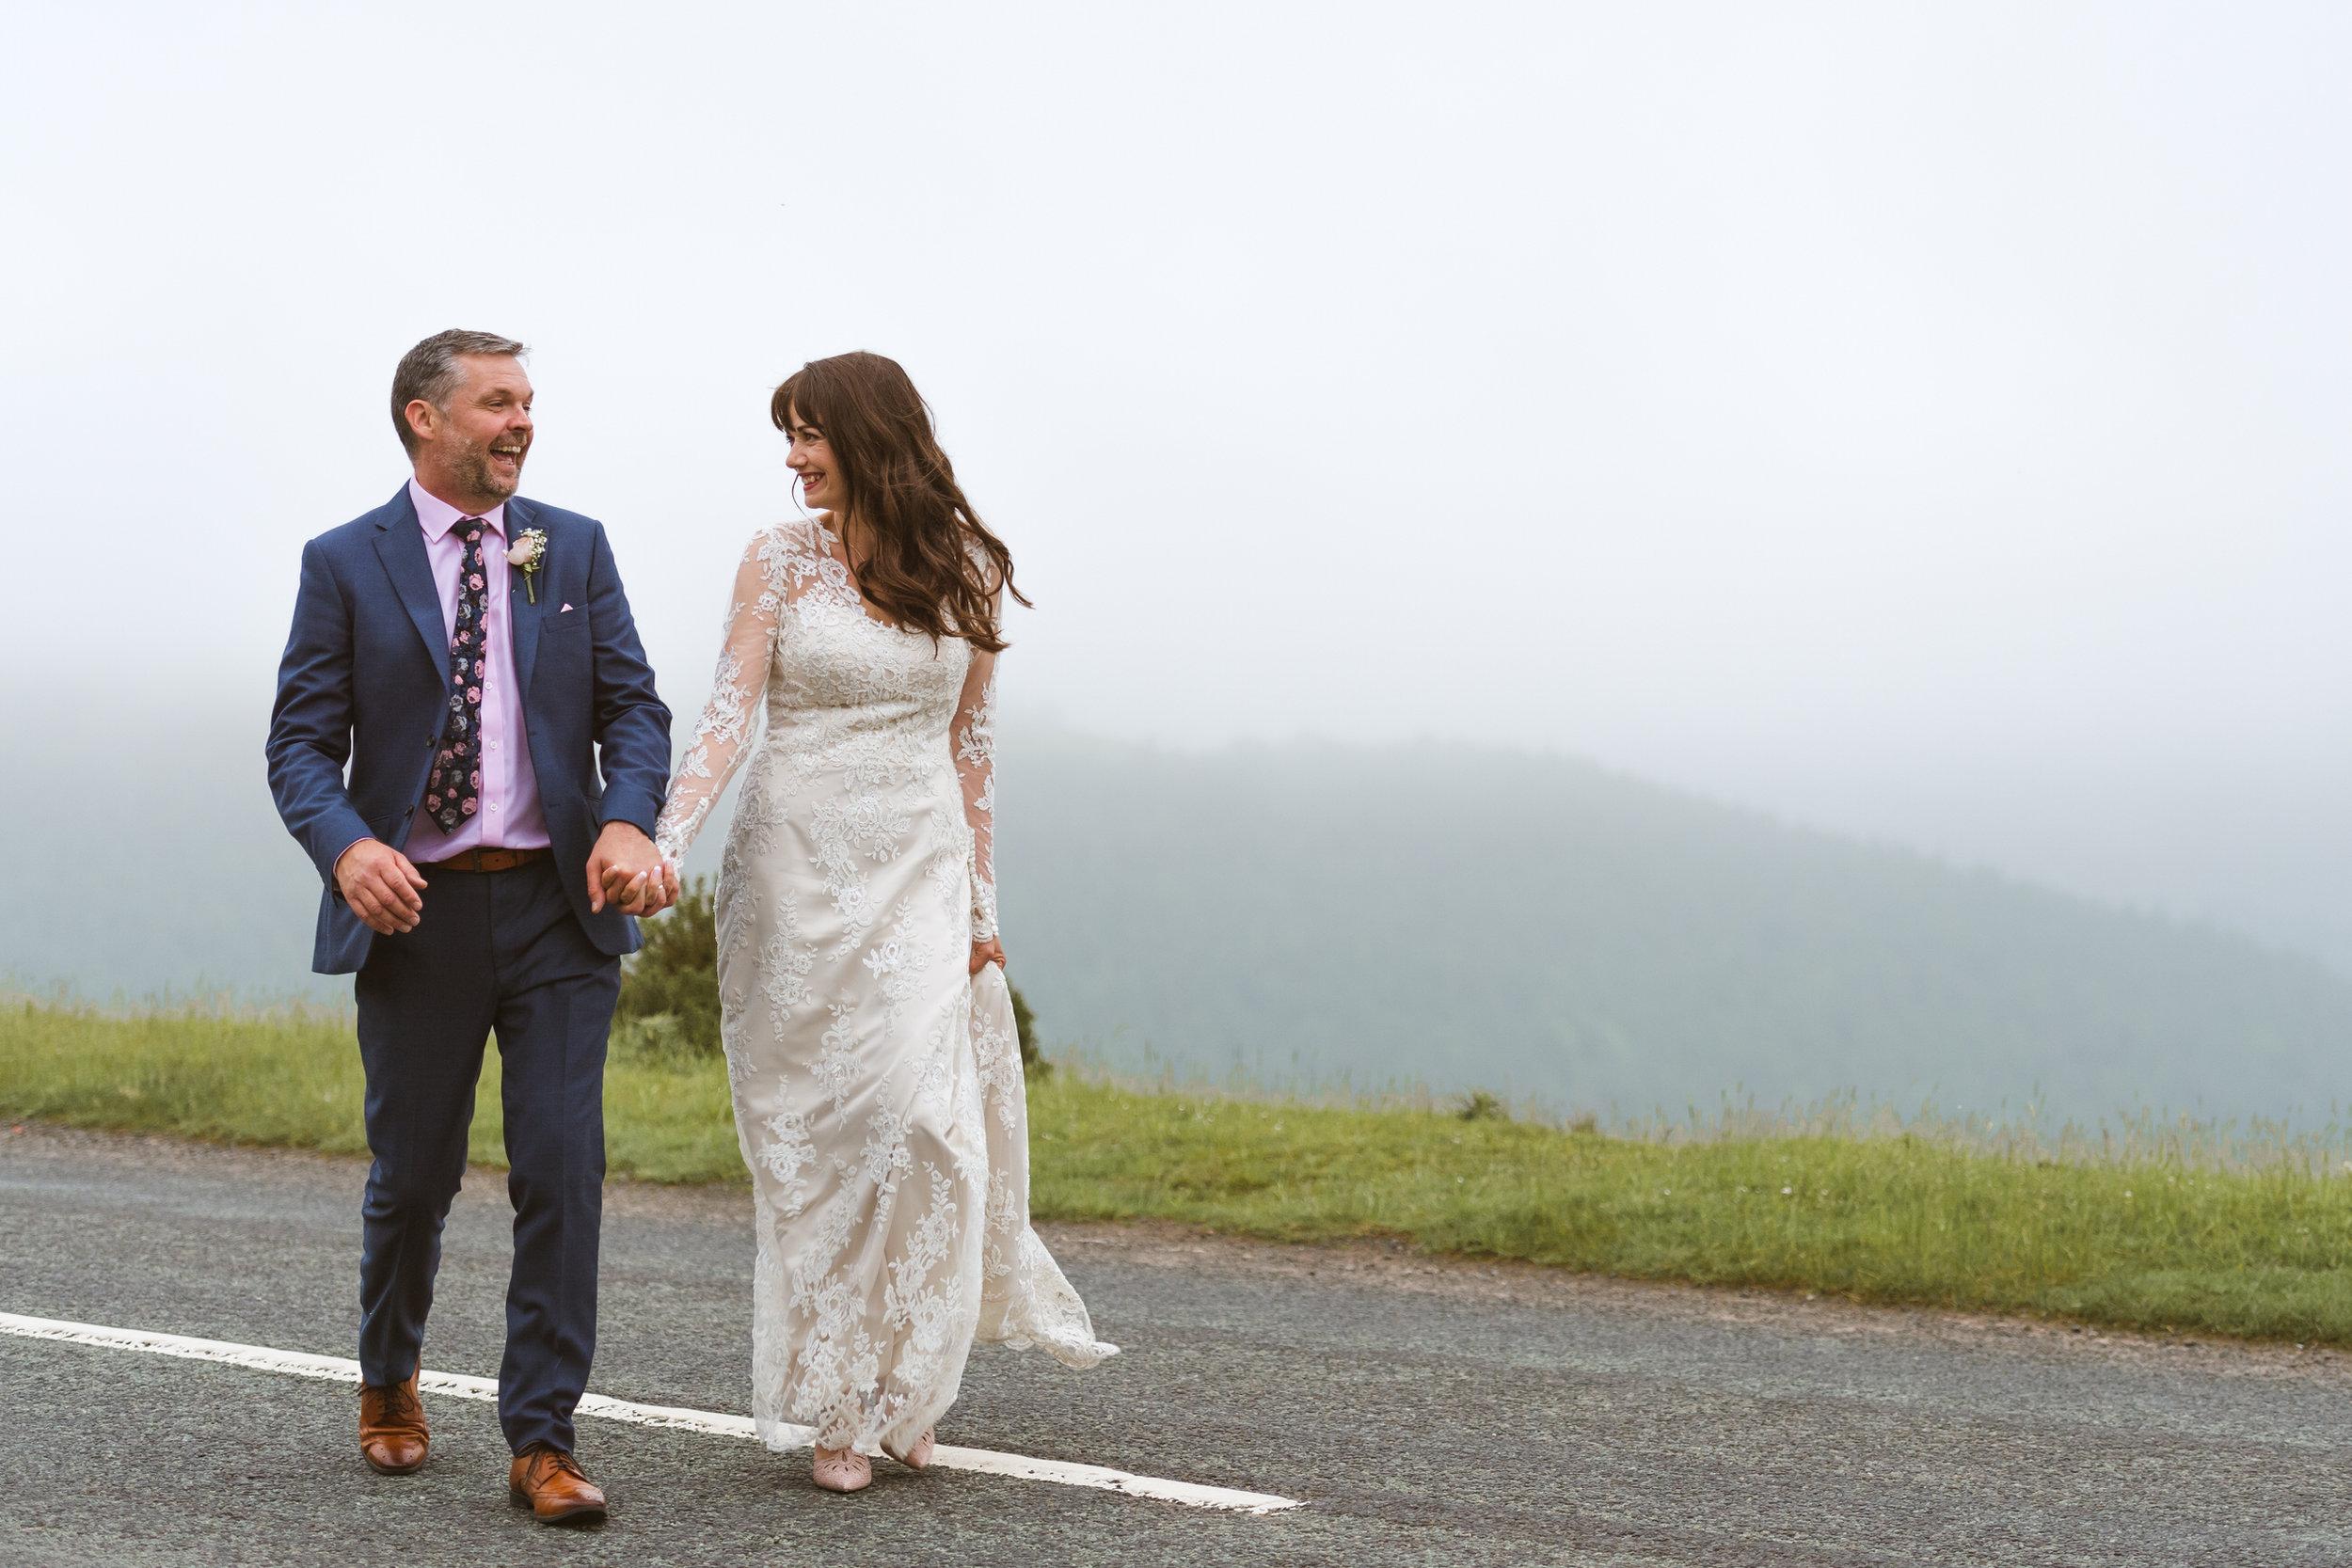 chainbridge-wedding-leeds-wedding-photographer-33.jpg